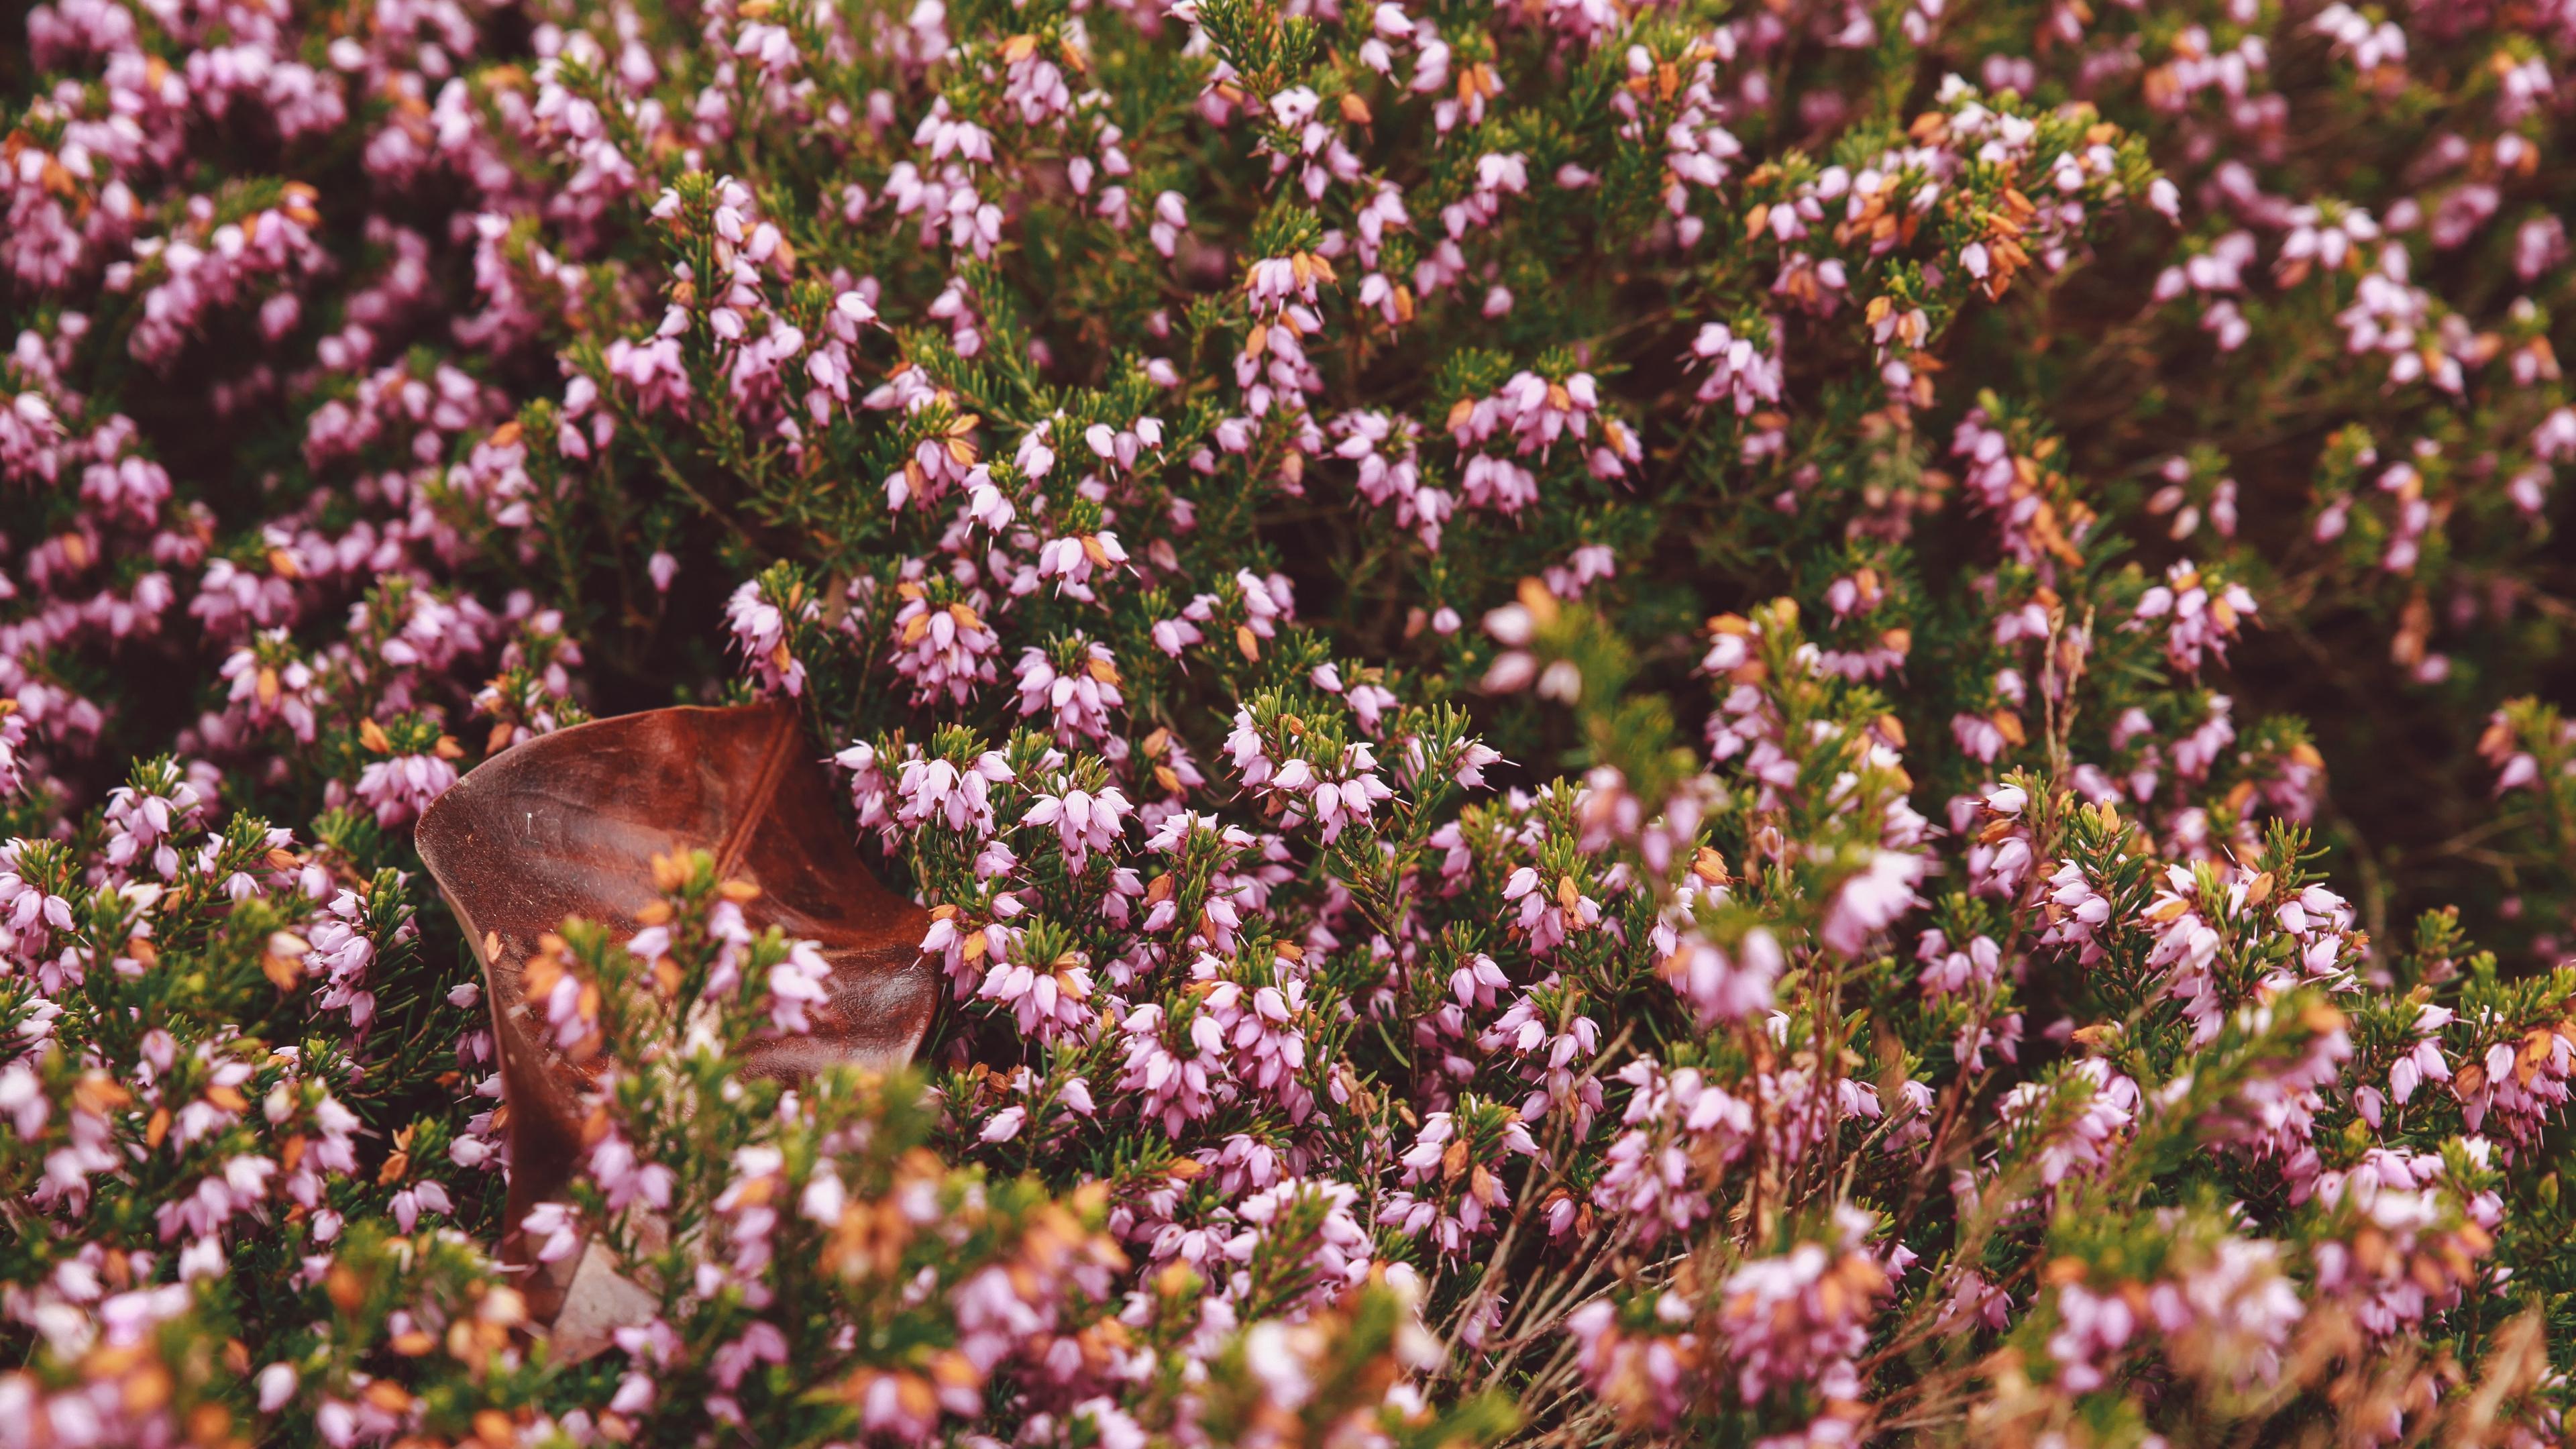 flowers garden flowerbed autumn 4k 1540064151 - flowers, garden, flowerbed, autumn 4k - Garden, Flowers, flowerbed